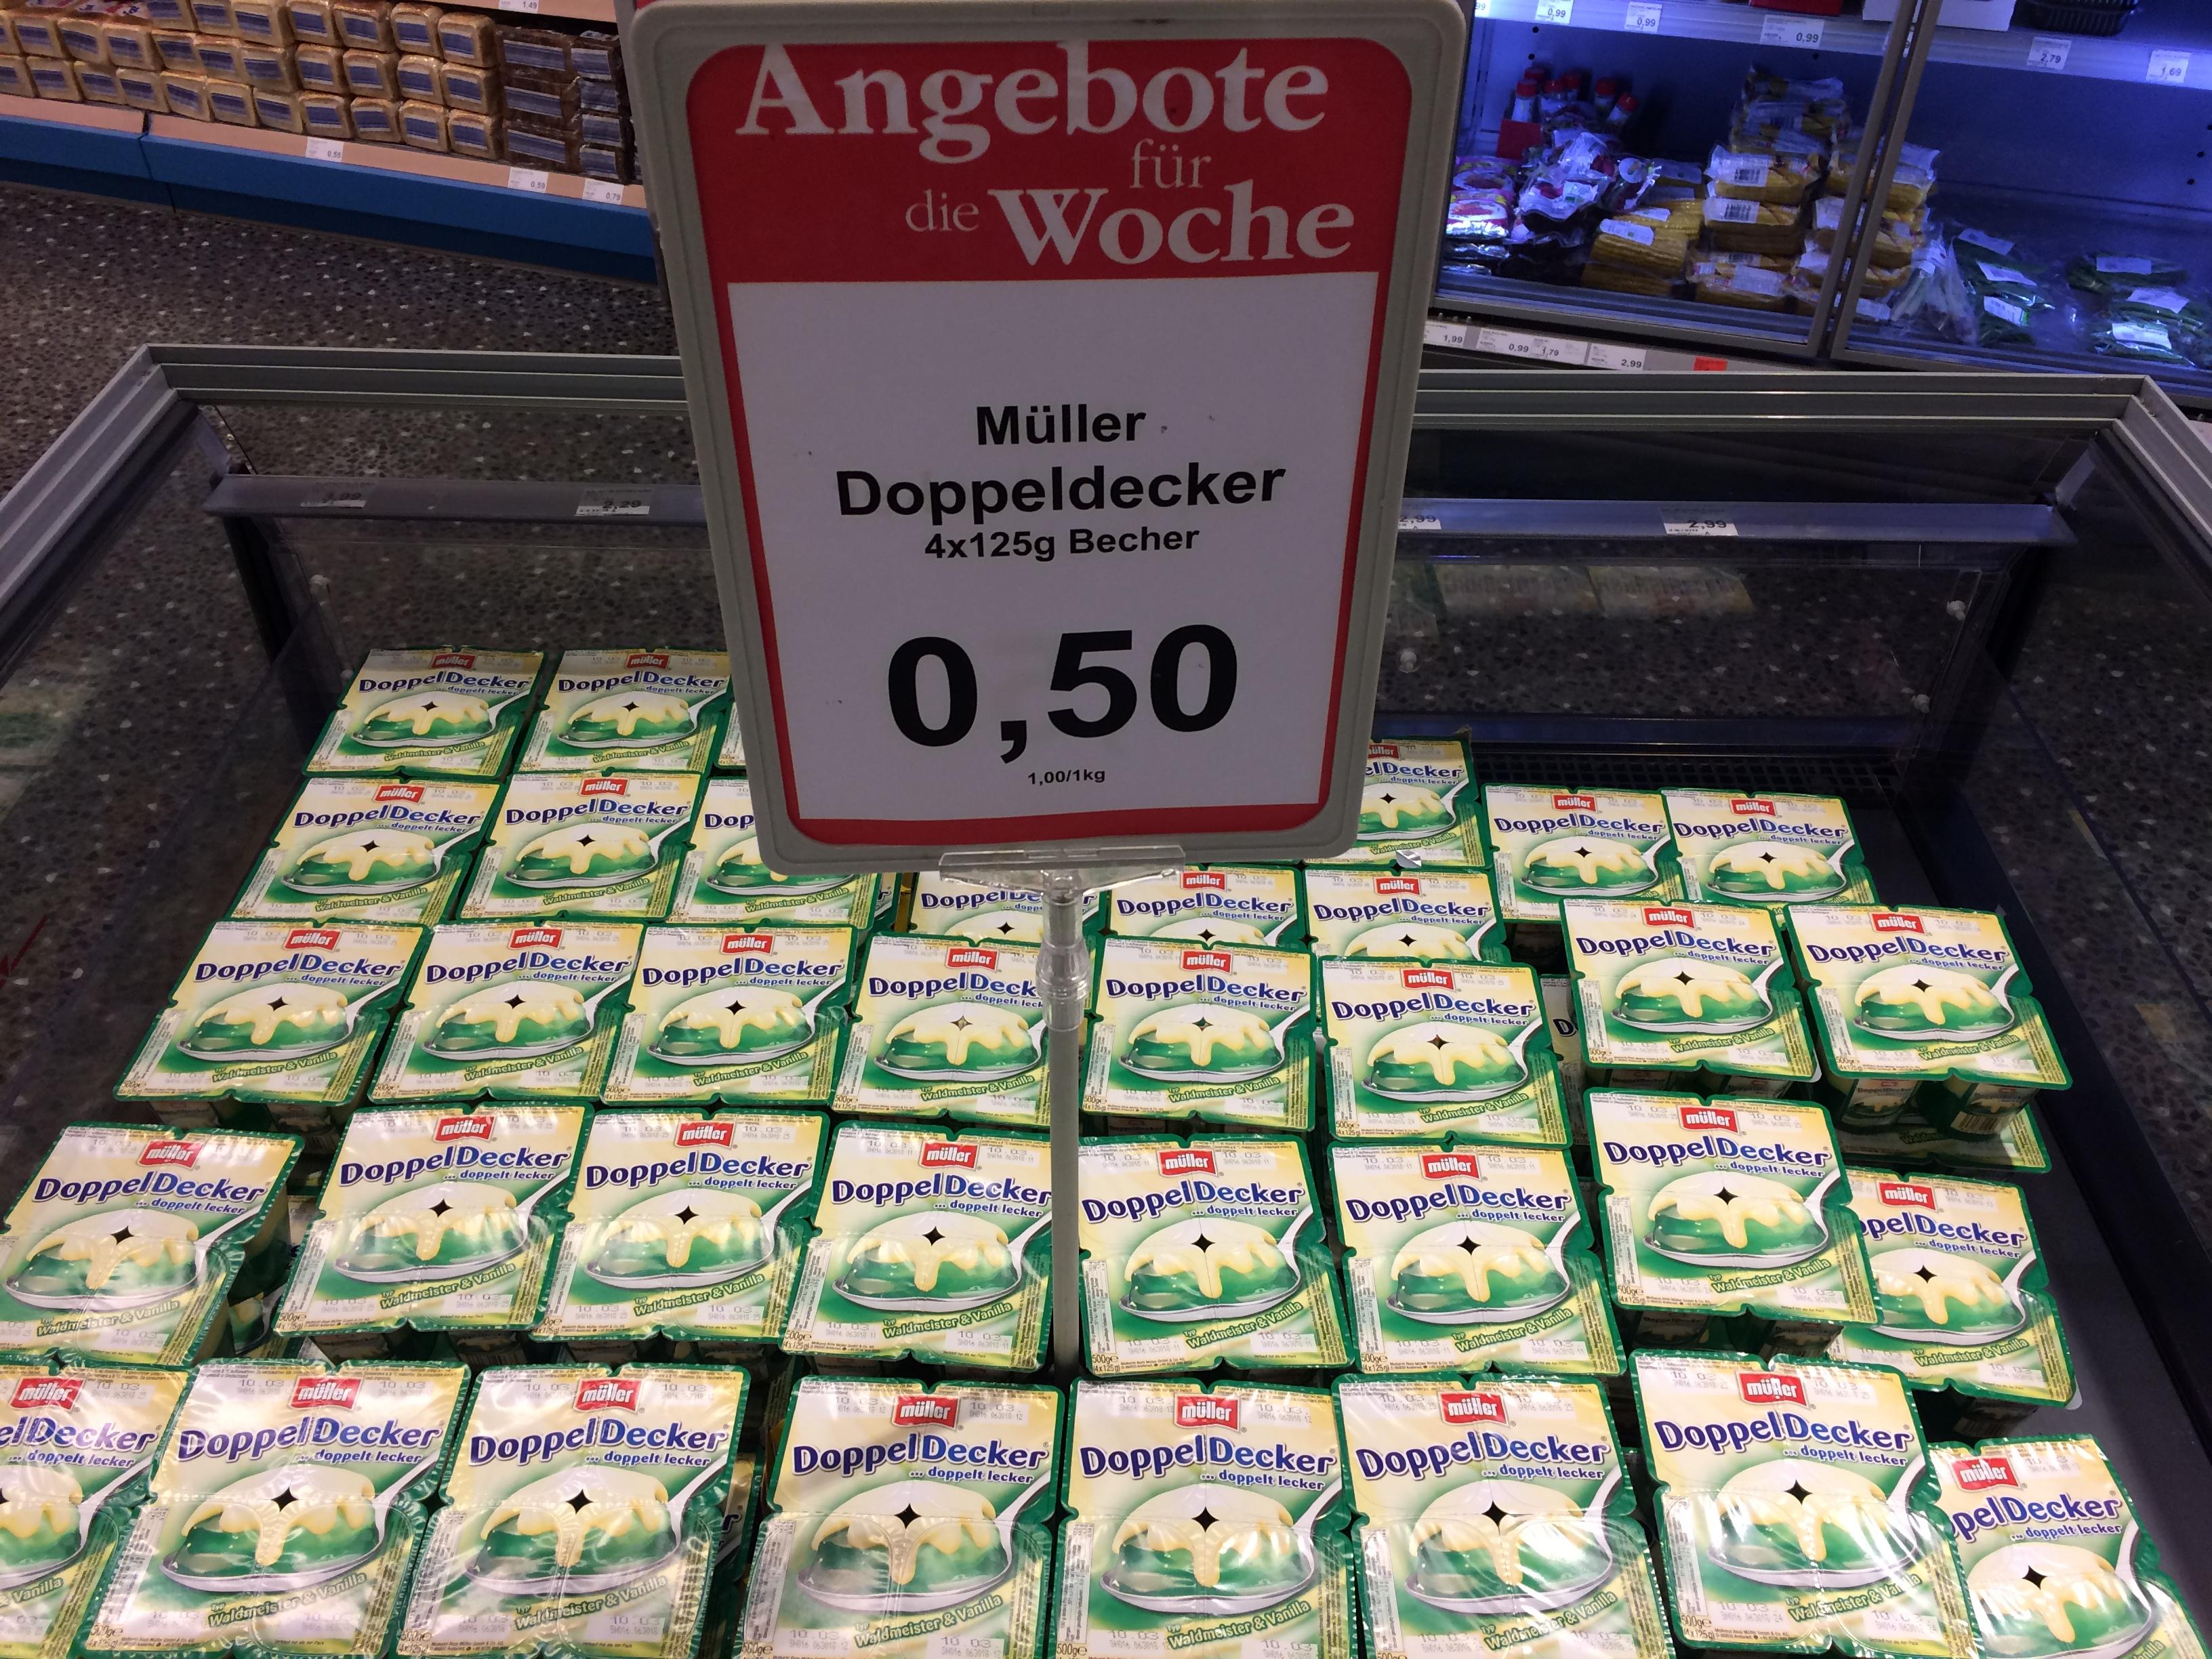 [Lokal] Schleswig - Sky Supermarkt - Müller Doppeldecker Waldmeister & Vanille (4x125g) MHD: 10.3